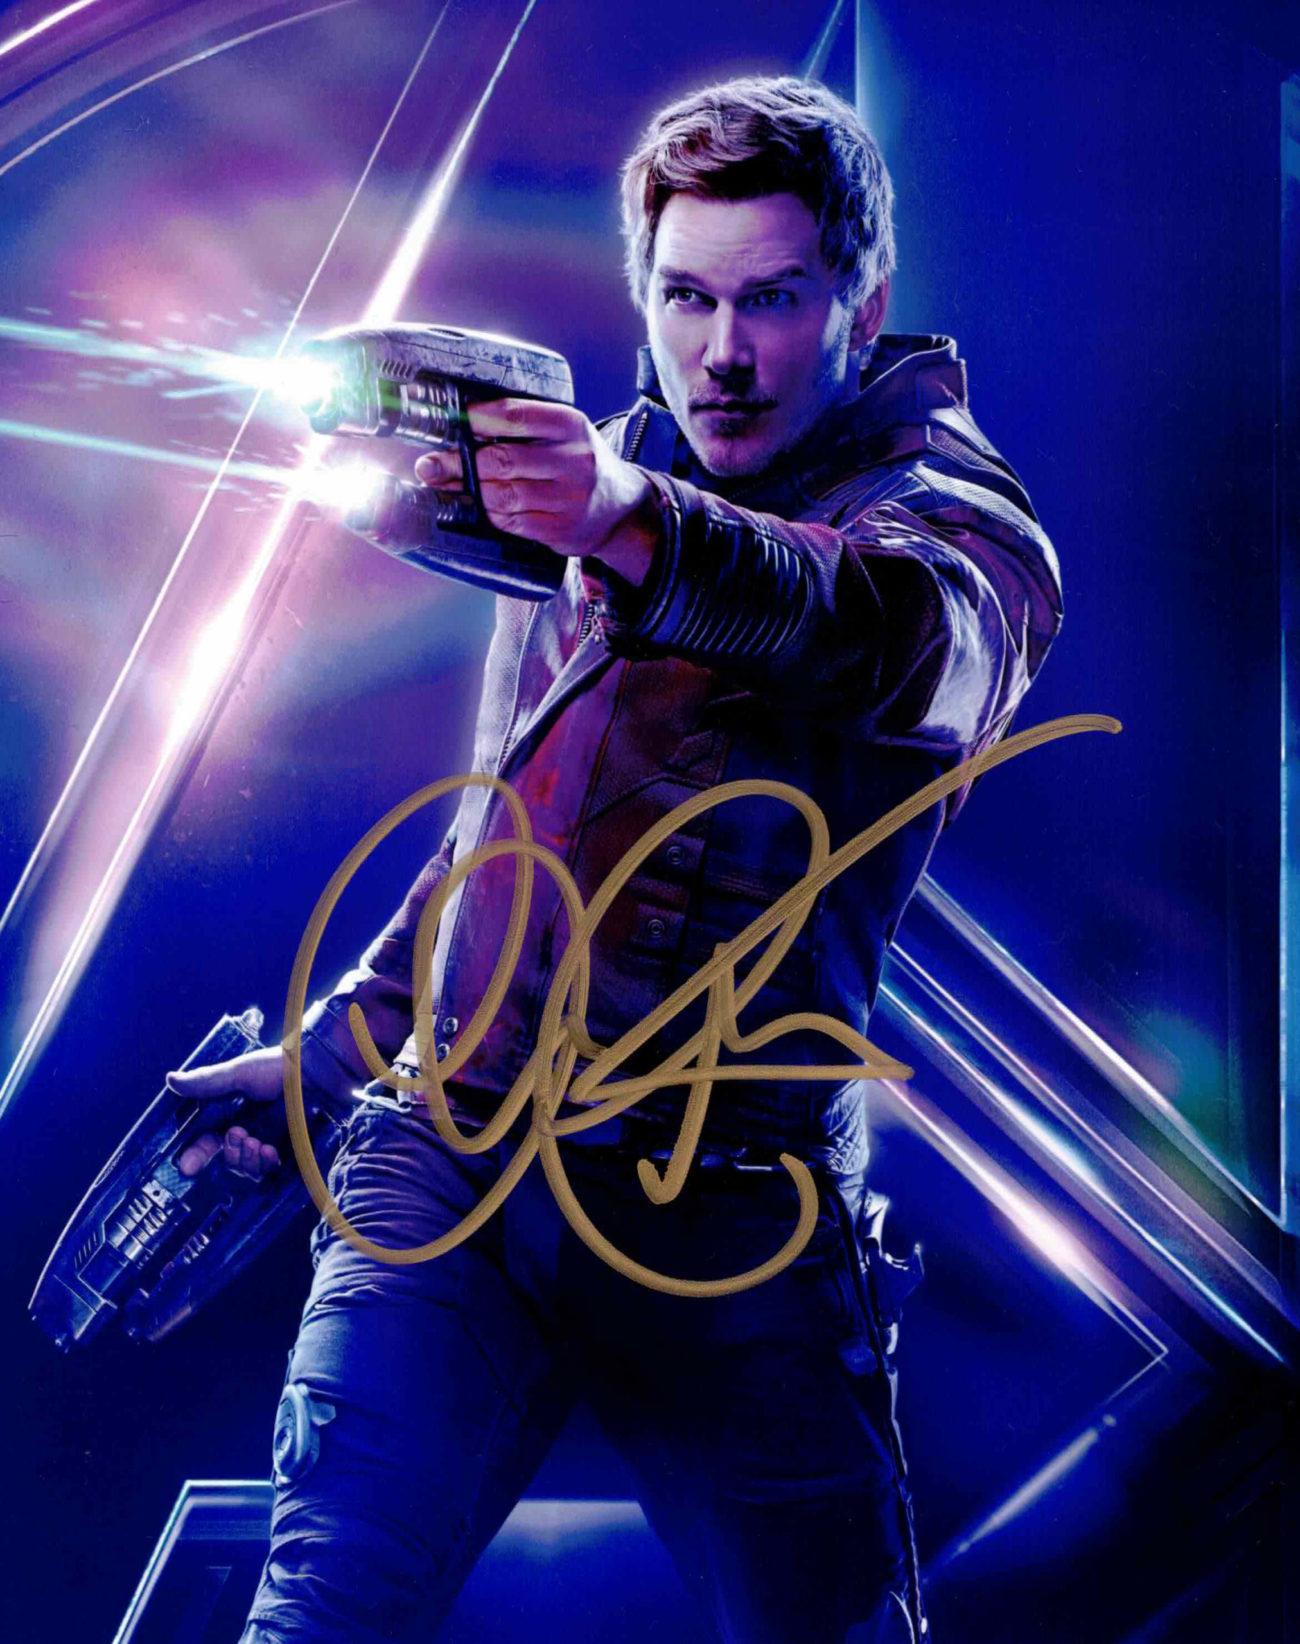 Chris Pratt / Avengers - autogram